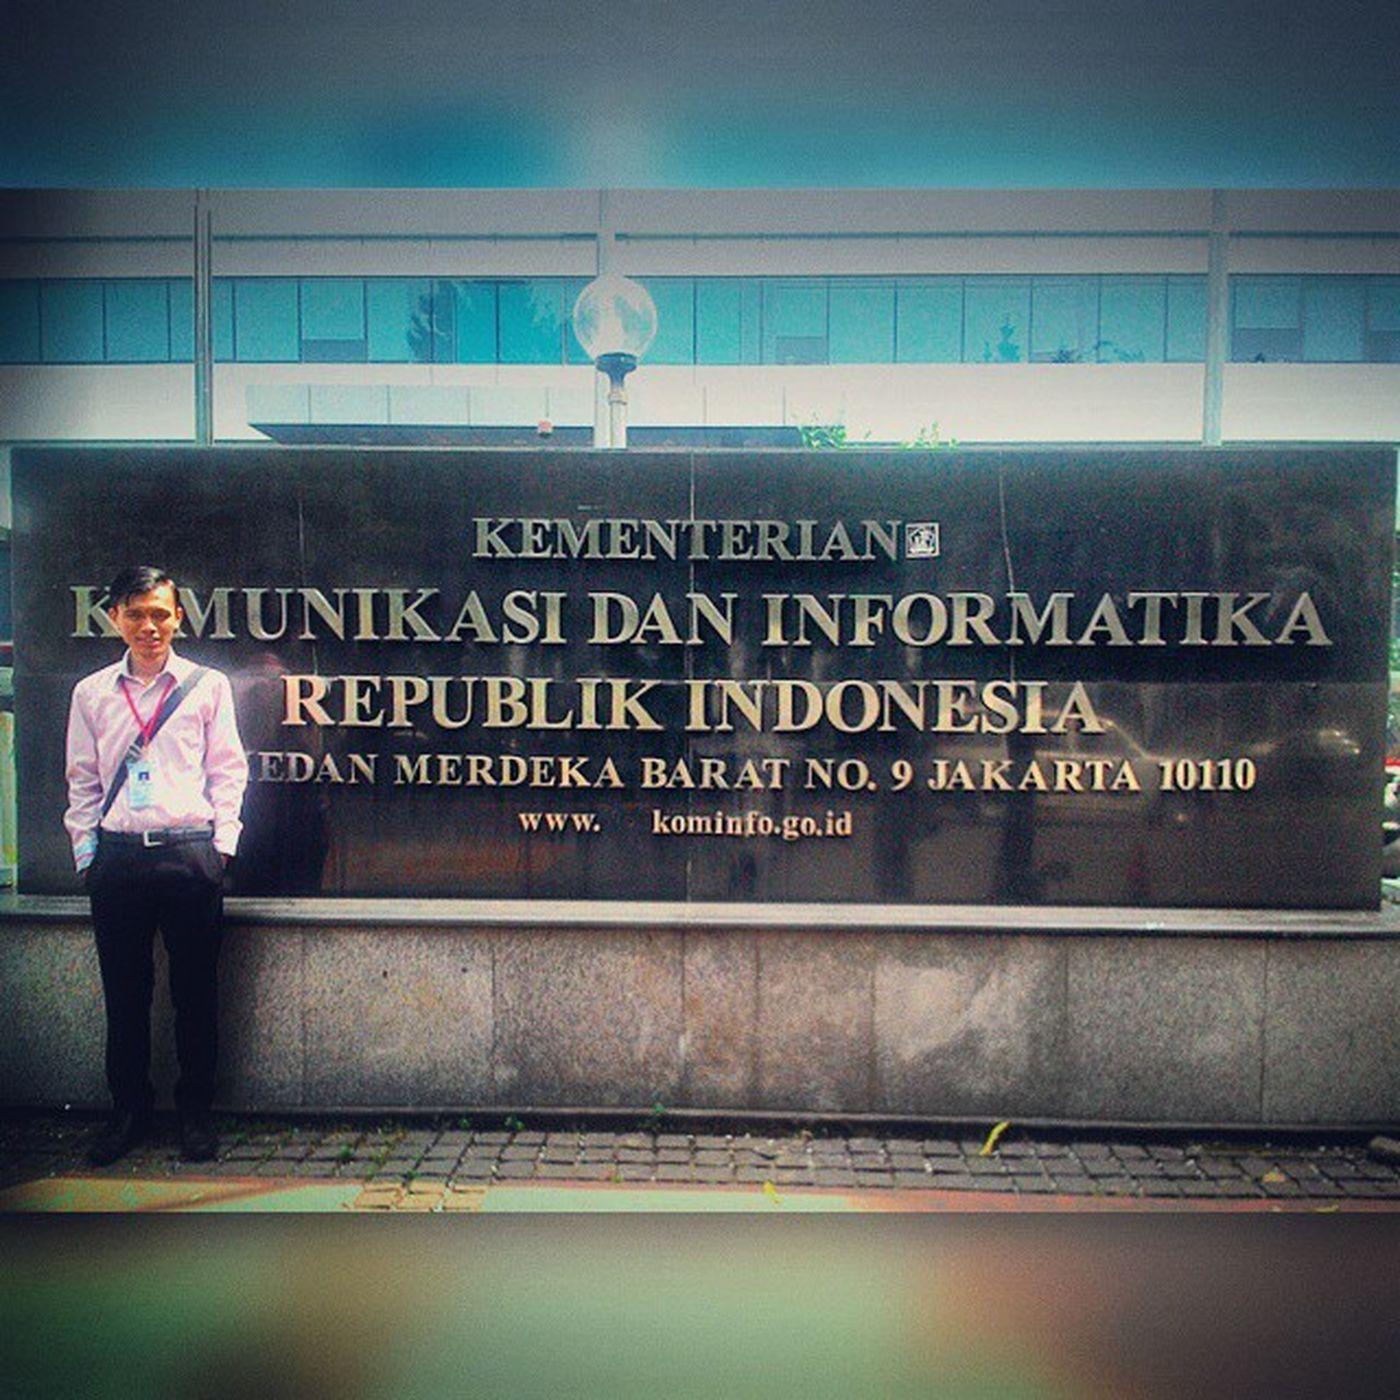 Calon Menteri Komunikasi dan Informatika sudah tiba di gedung Kemkominfo Magang Uns Jakartapremium Kominfo